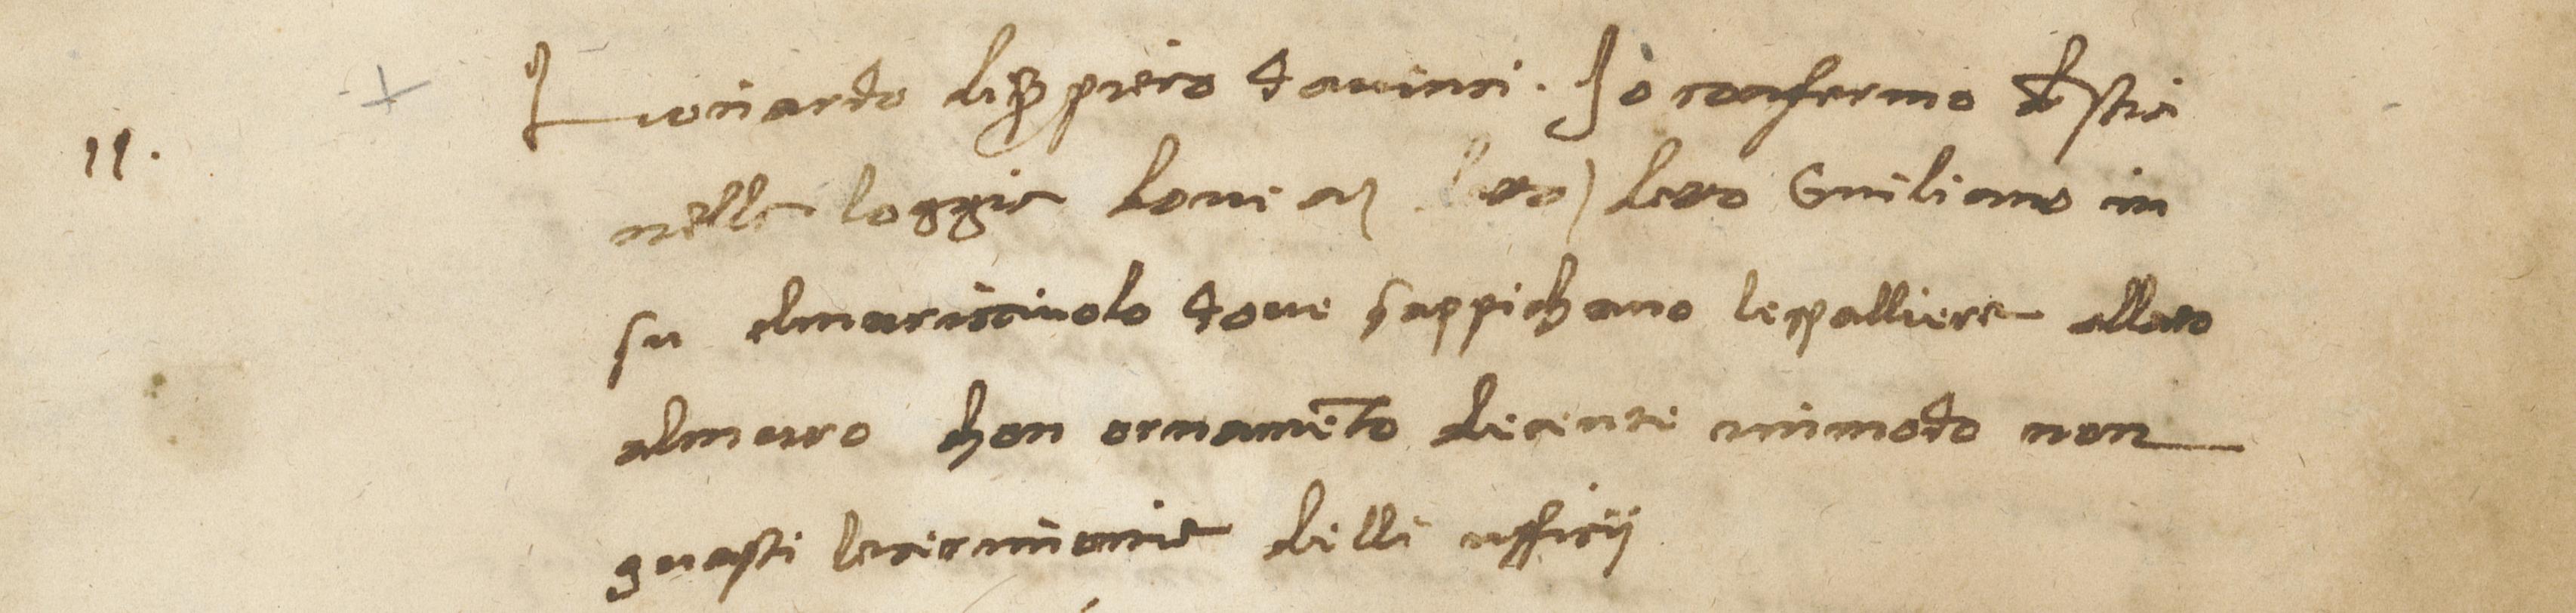 Parere di Leonardo da Vinci - archivio dell'Opera di S.Maria del Fiore (foto da comunicato)